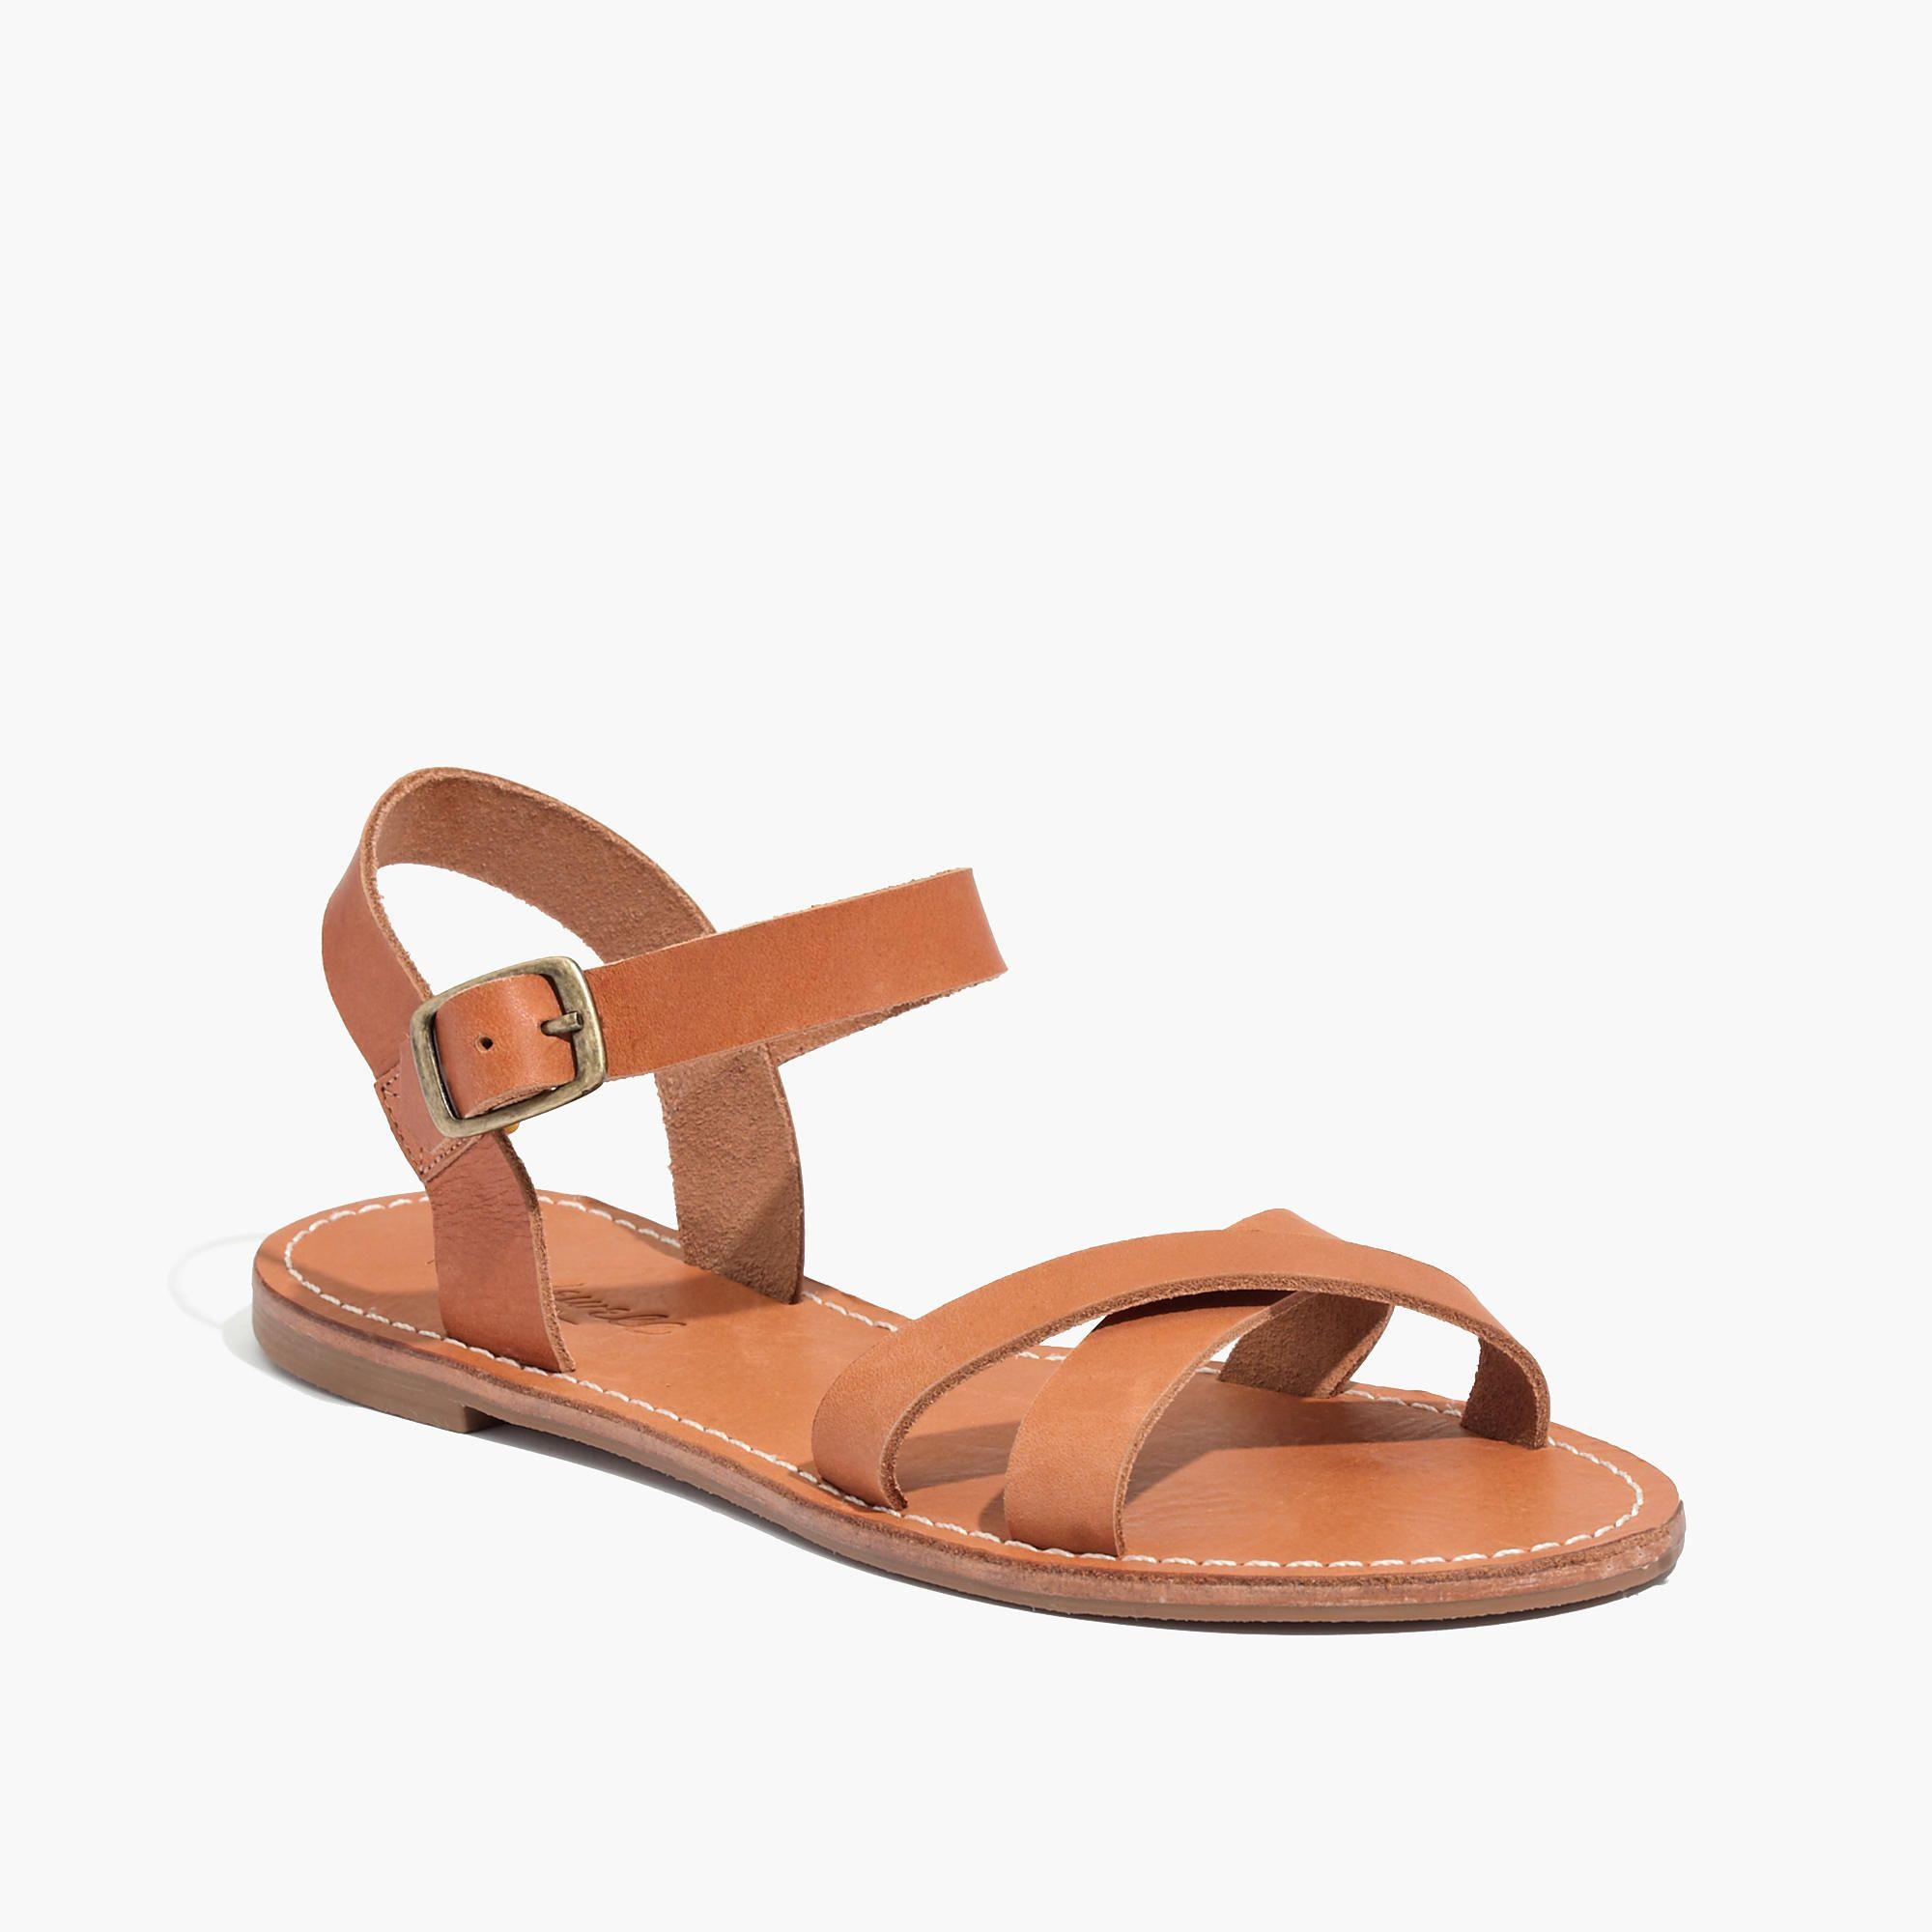 the sightseer crisscross sandal